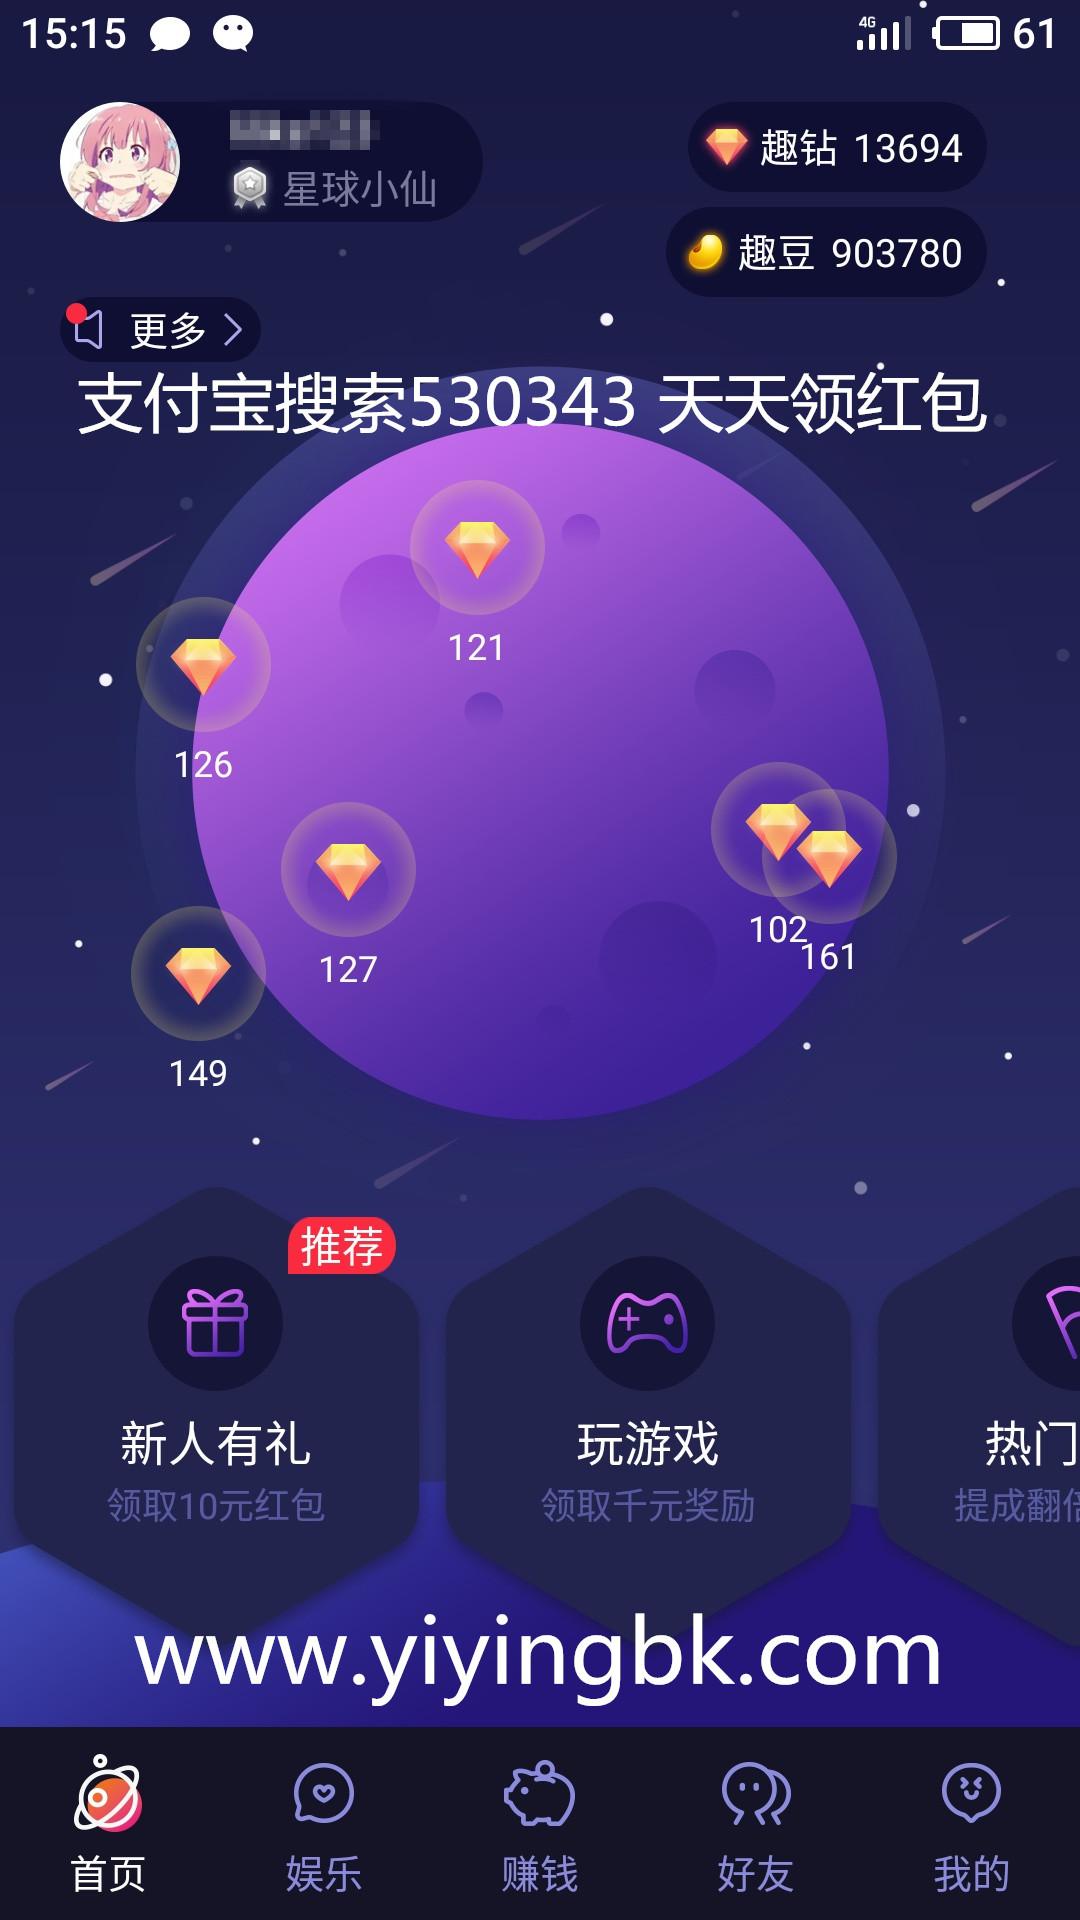 手机玩游戏赚钱app首页